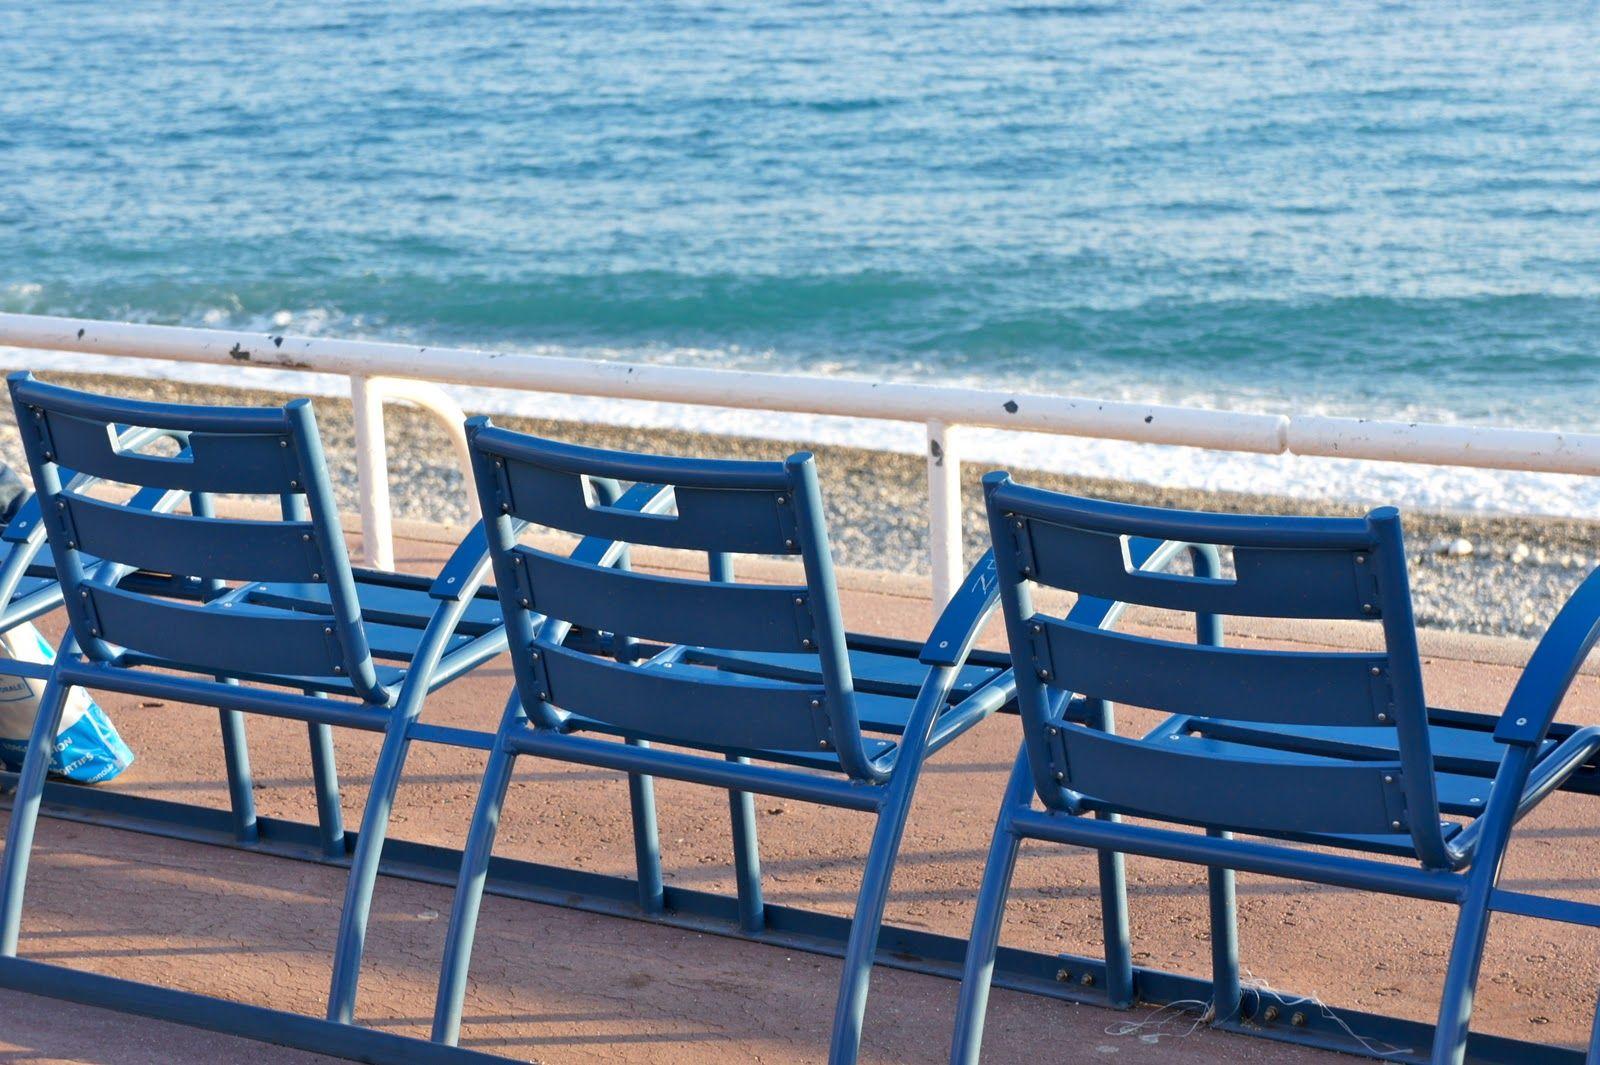 Chaises Promenades Les Bleues Anglais Des NiceMind De La rtsChdxBQ